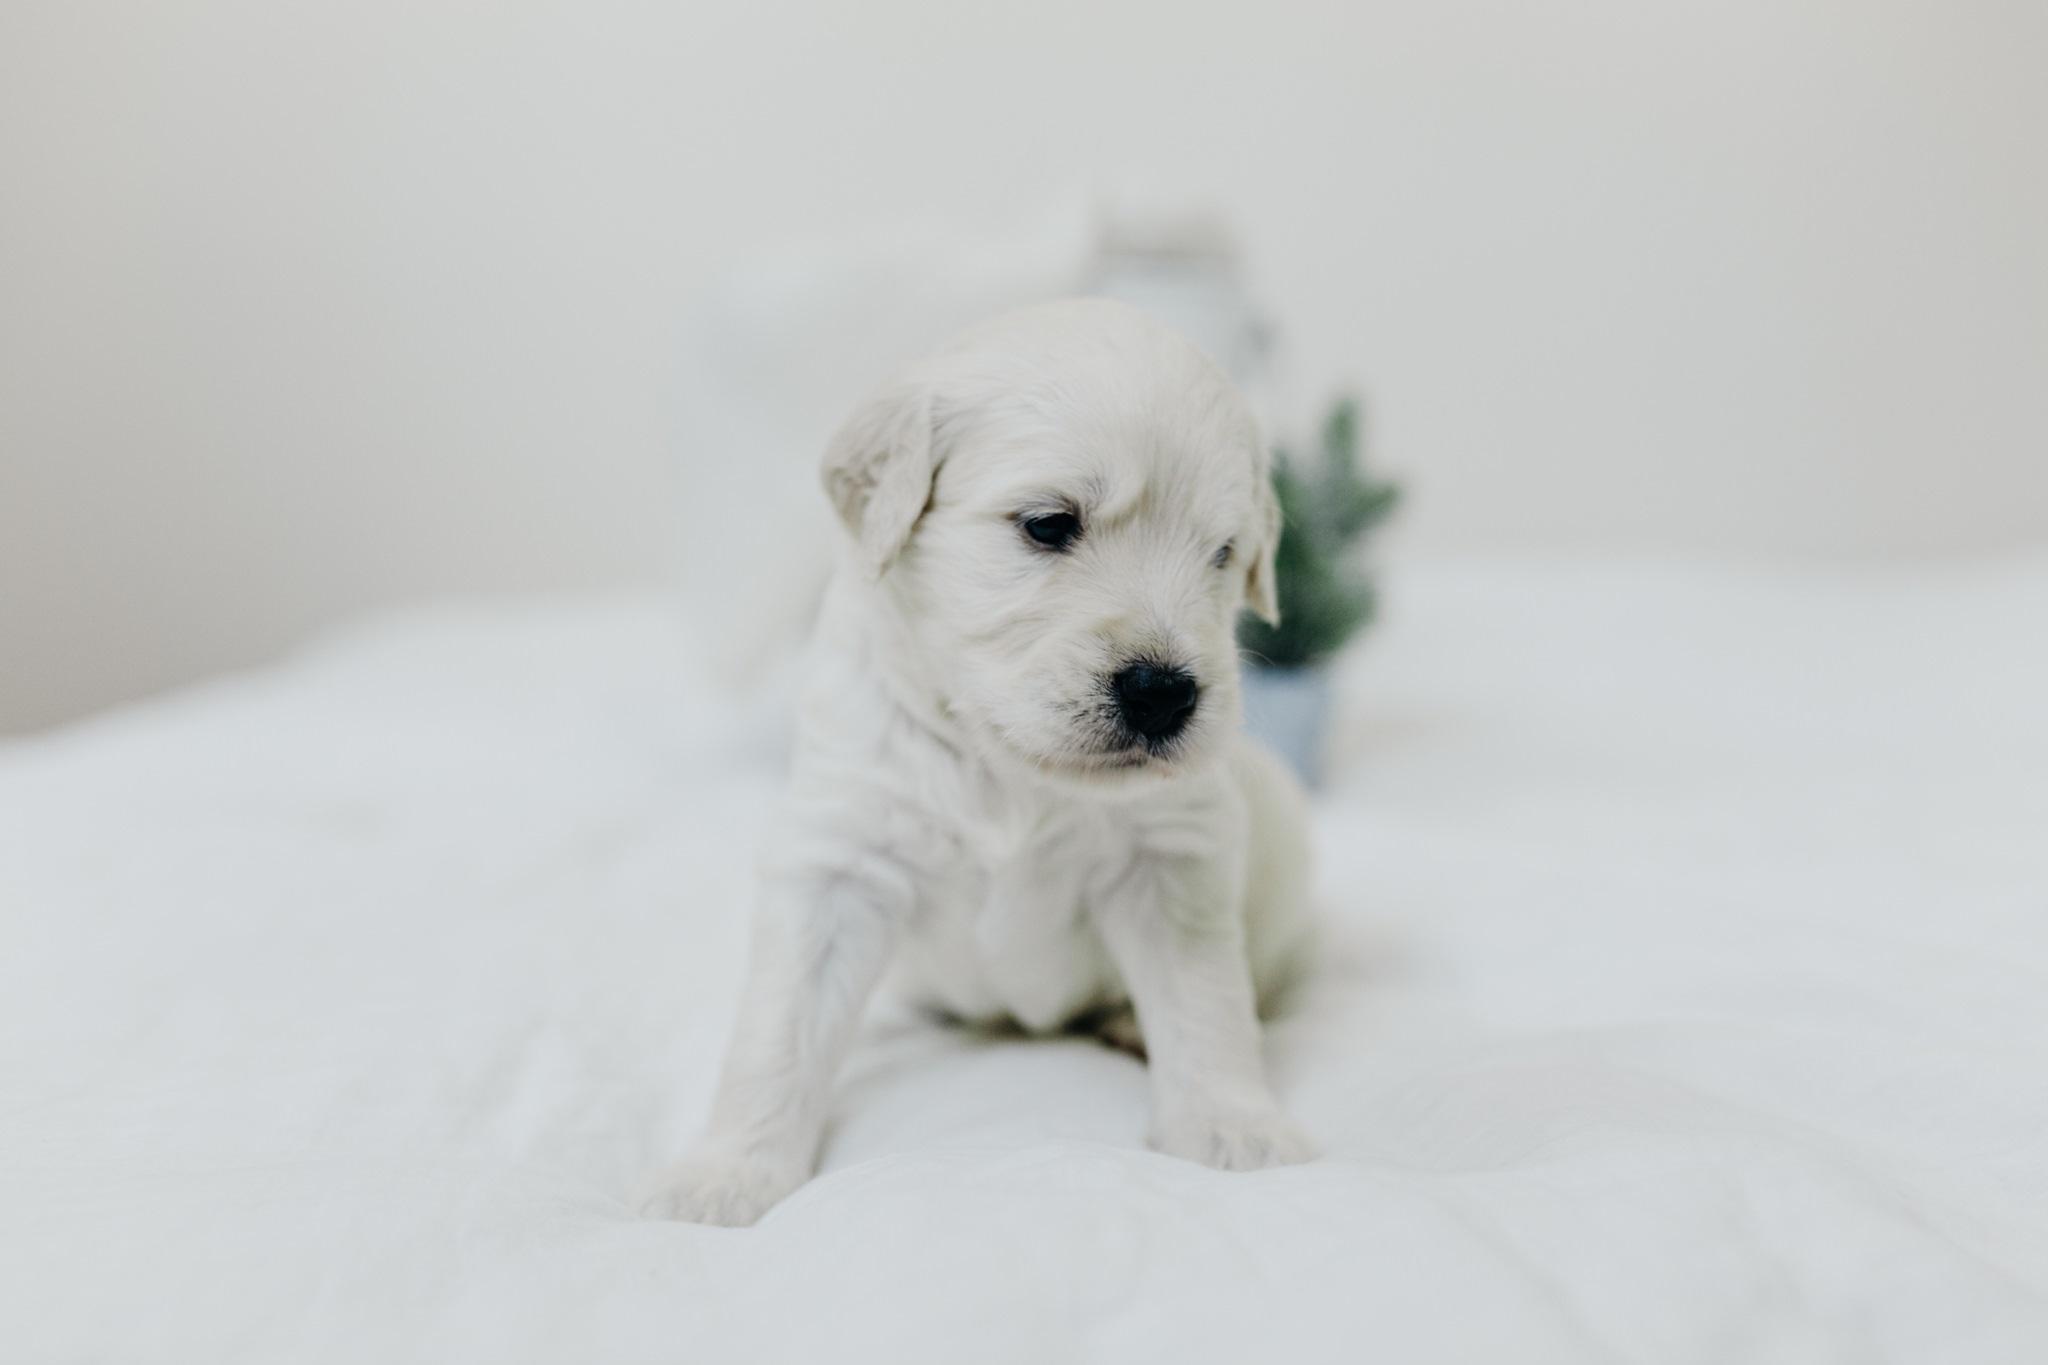 Puppies-Week-3-11.jpg